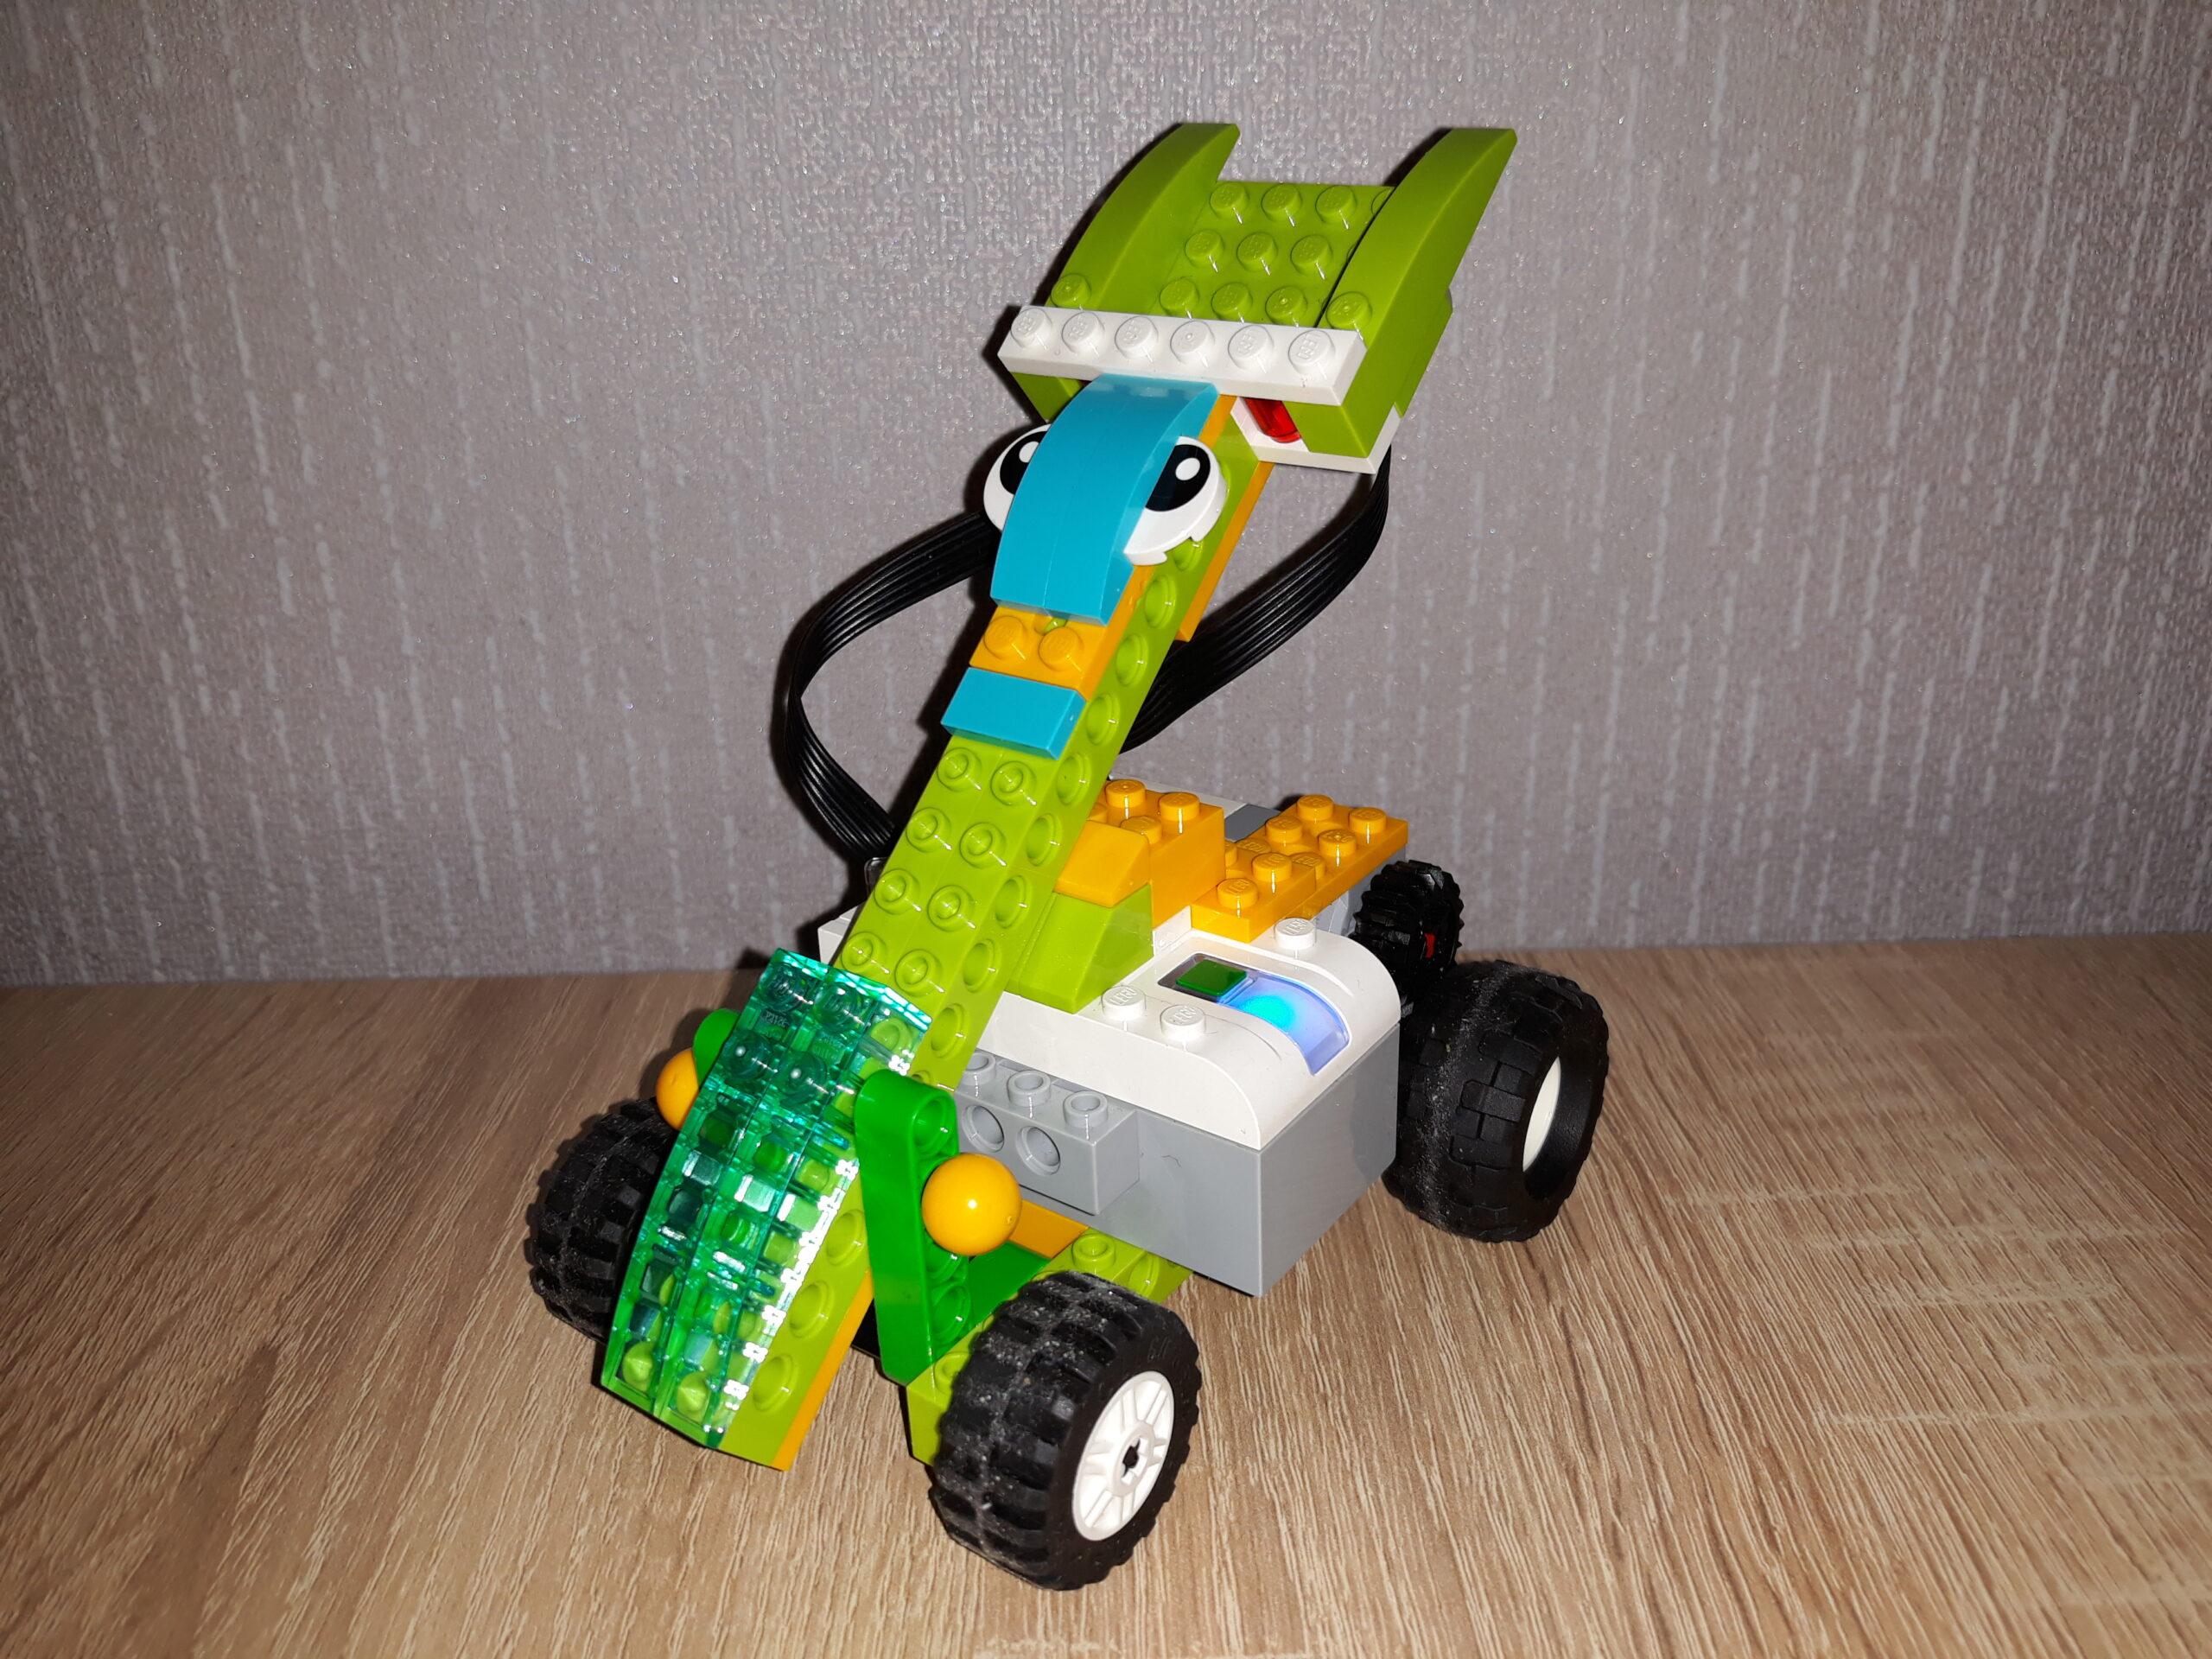 Инструкция по сборке из набора LEGO Education WeDo 2.0 Котобот